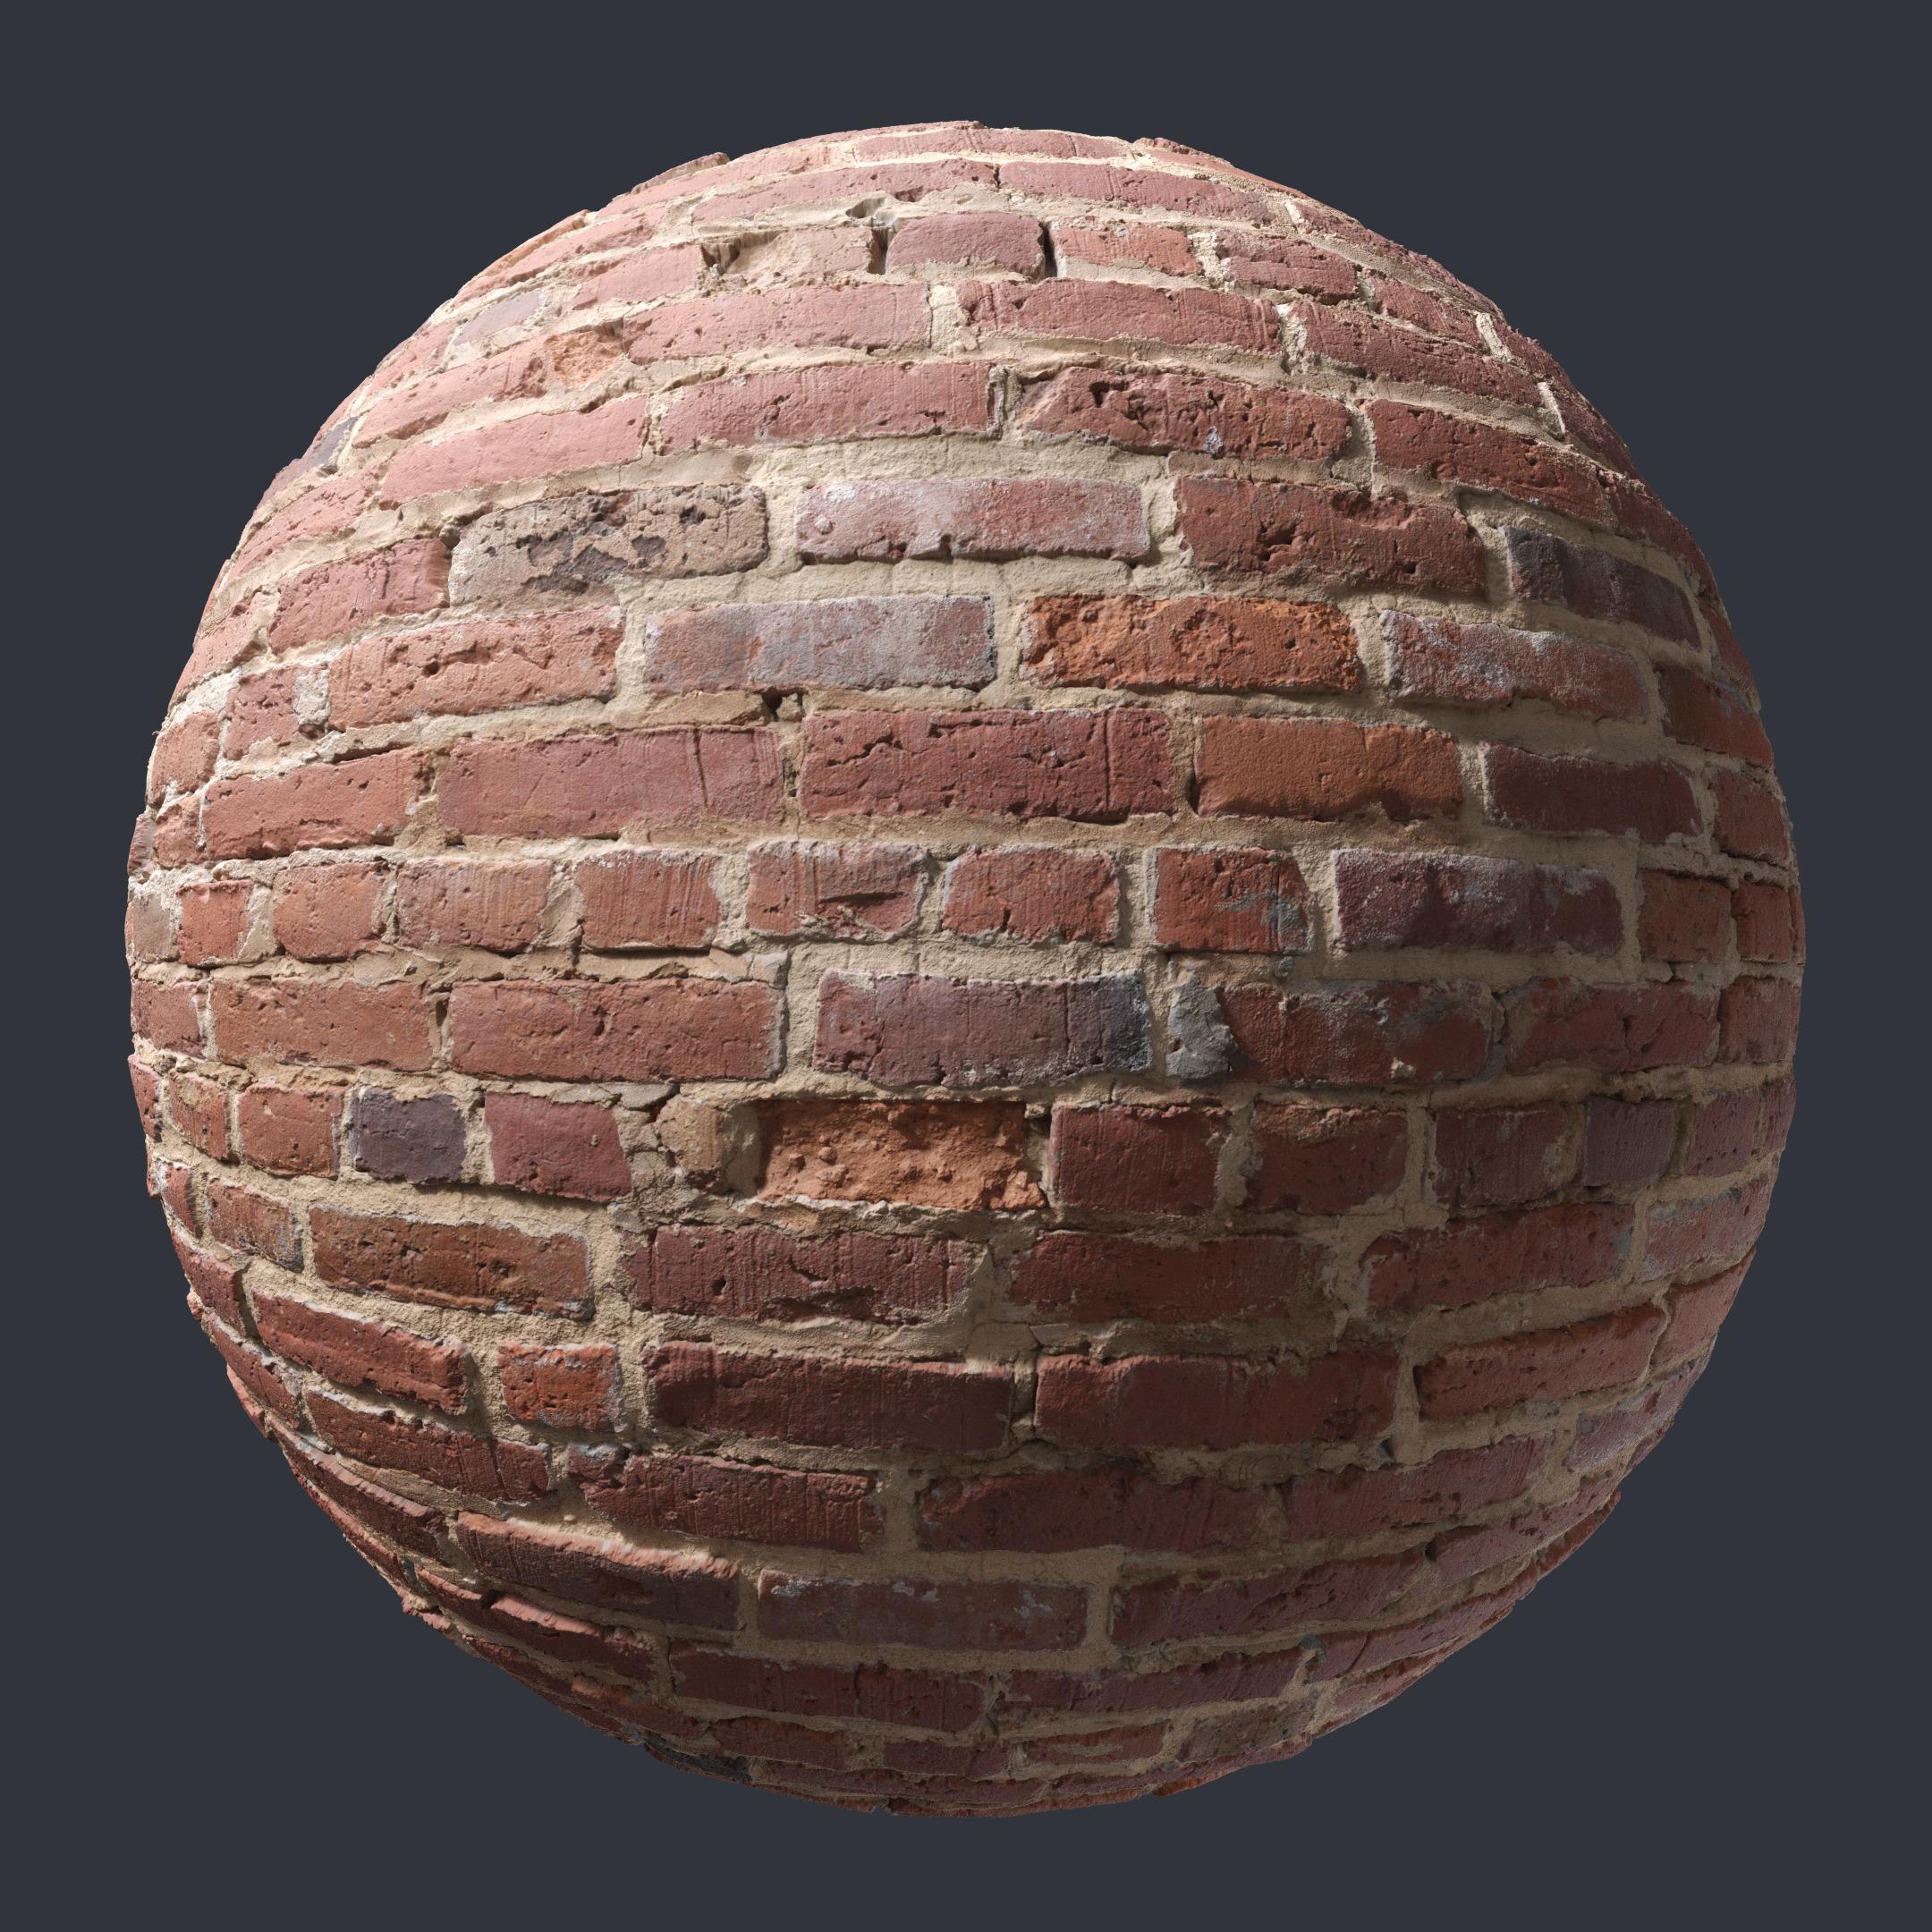 3d Scanned Brick Wall 2x2 Meters